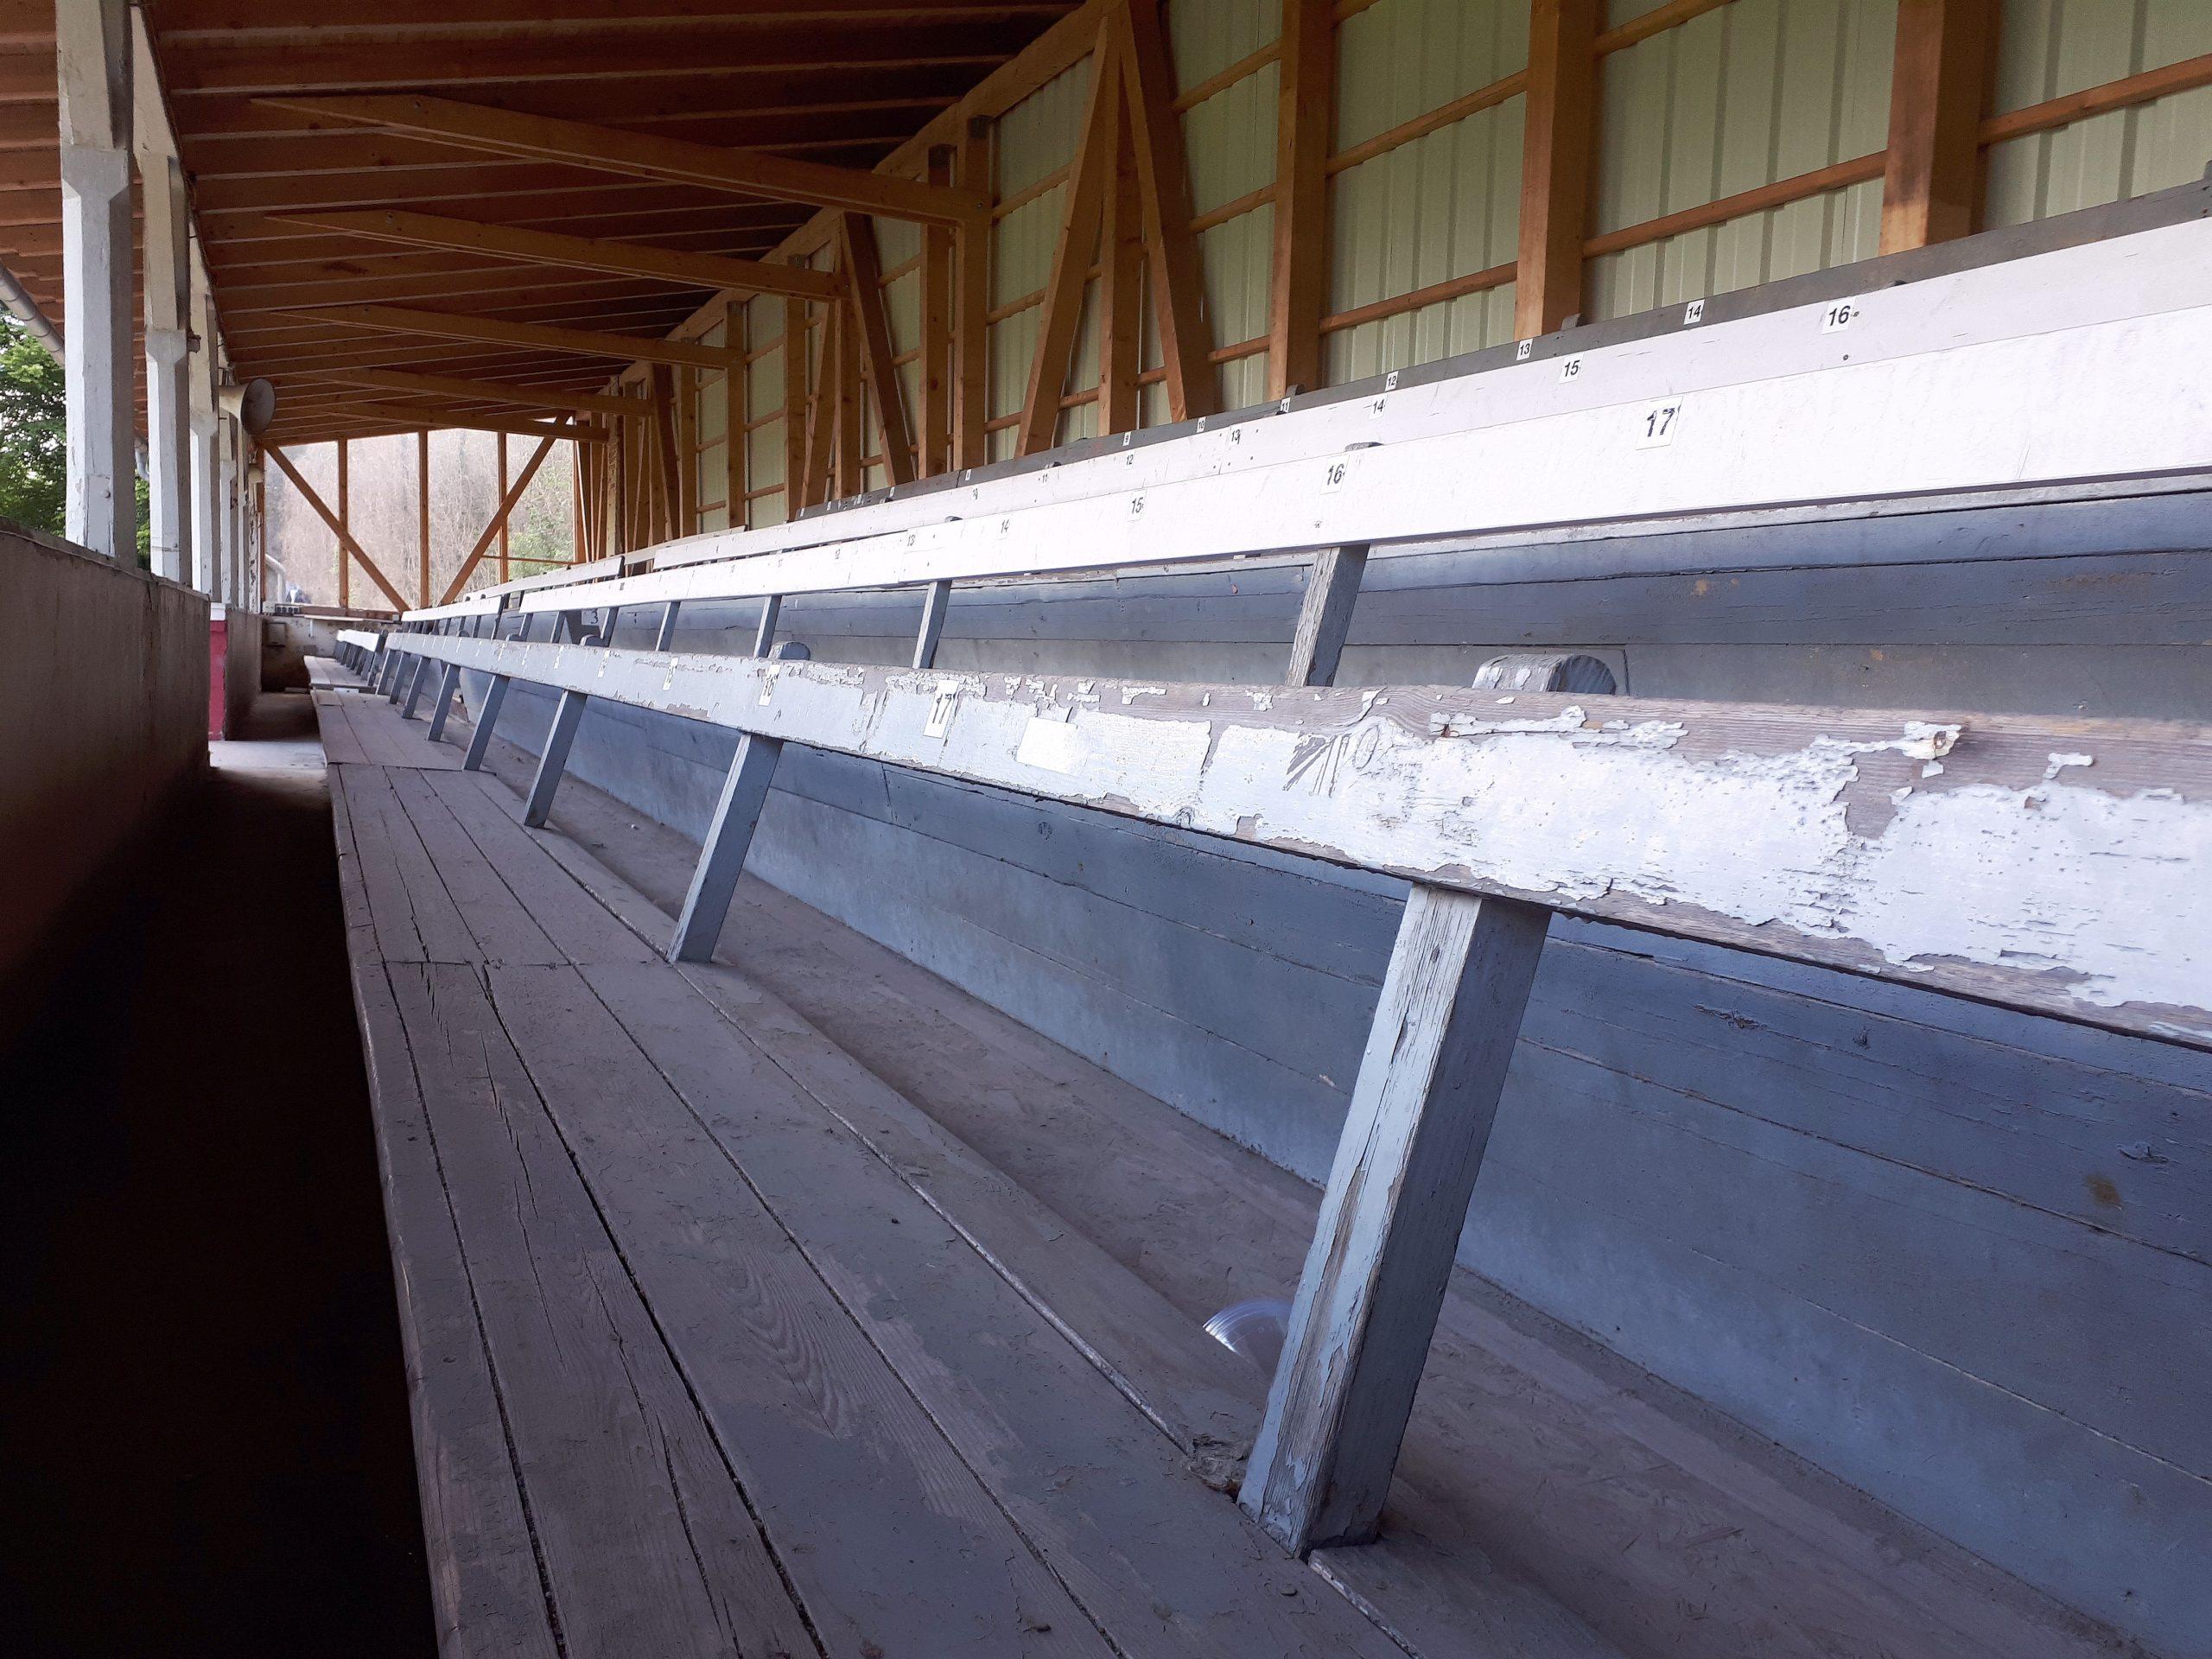 Norddeutschlands älteste Tribüne befindet sich im Kieler Kilia-Stadion